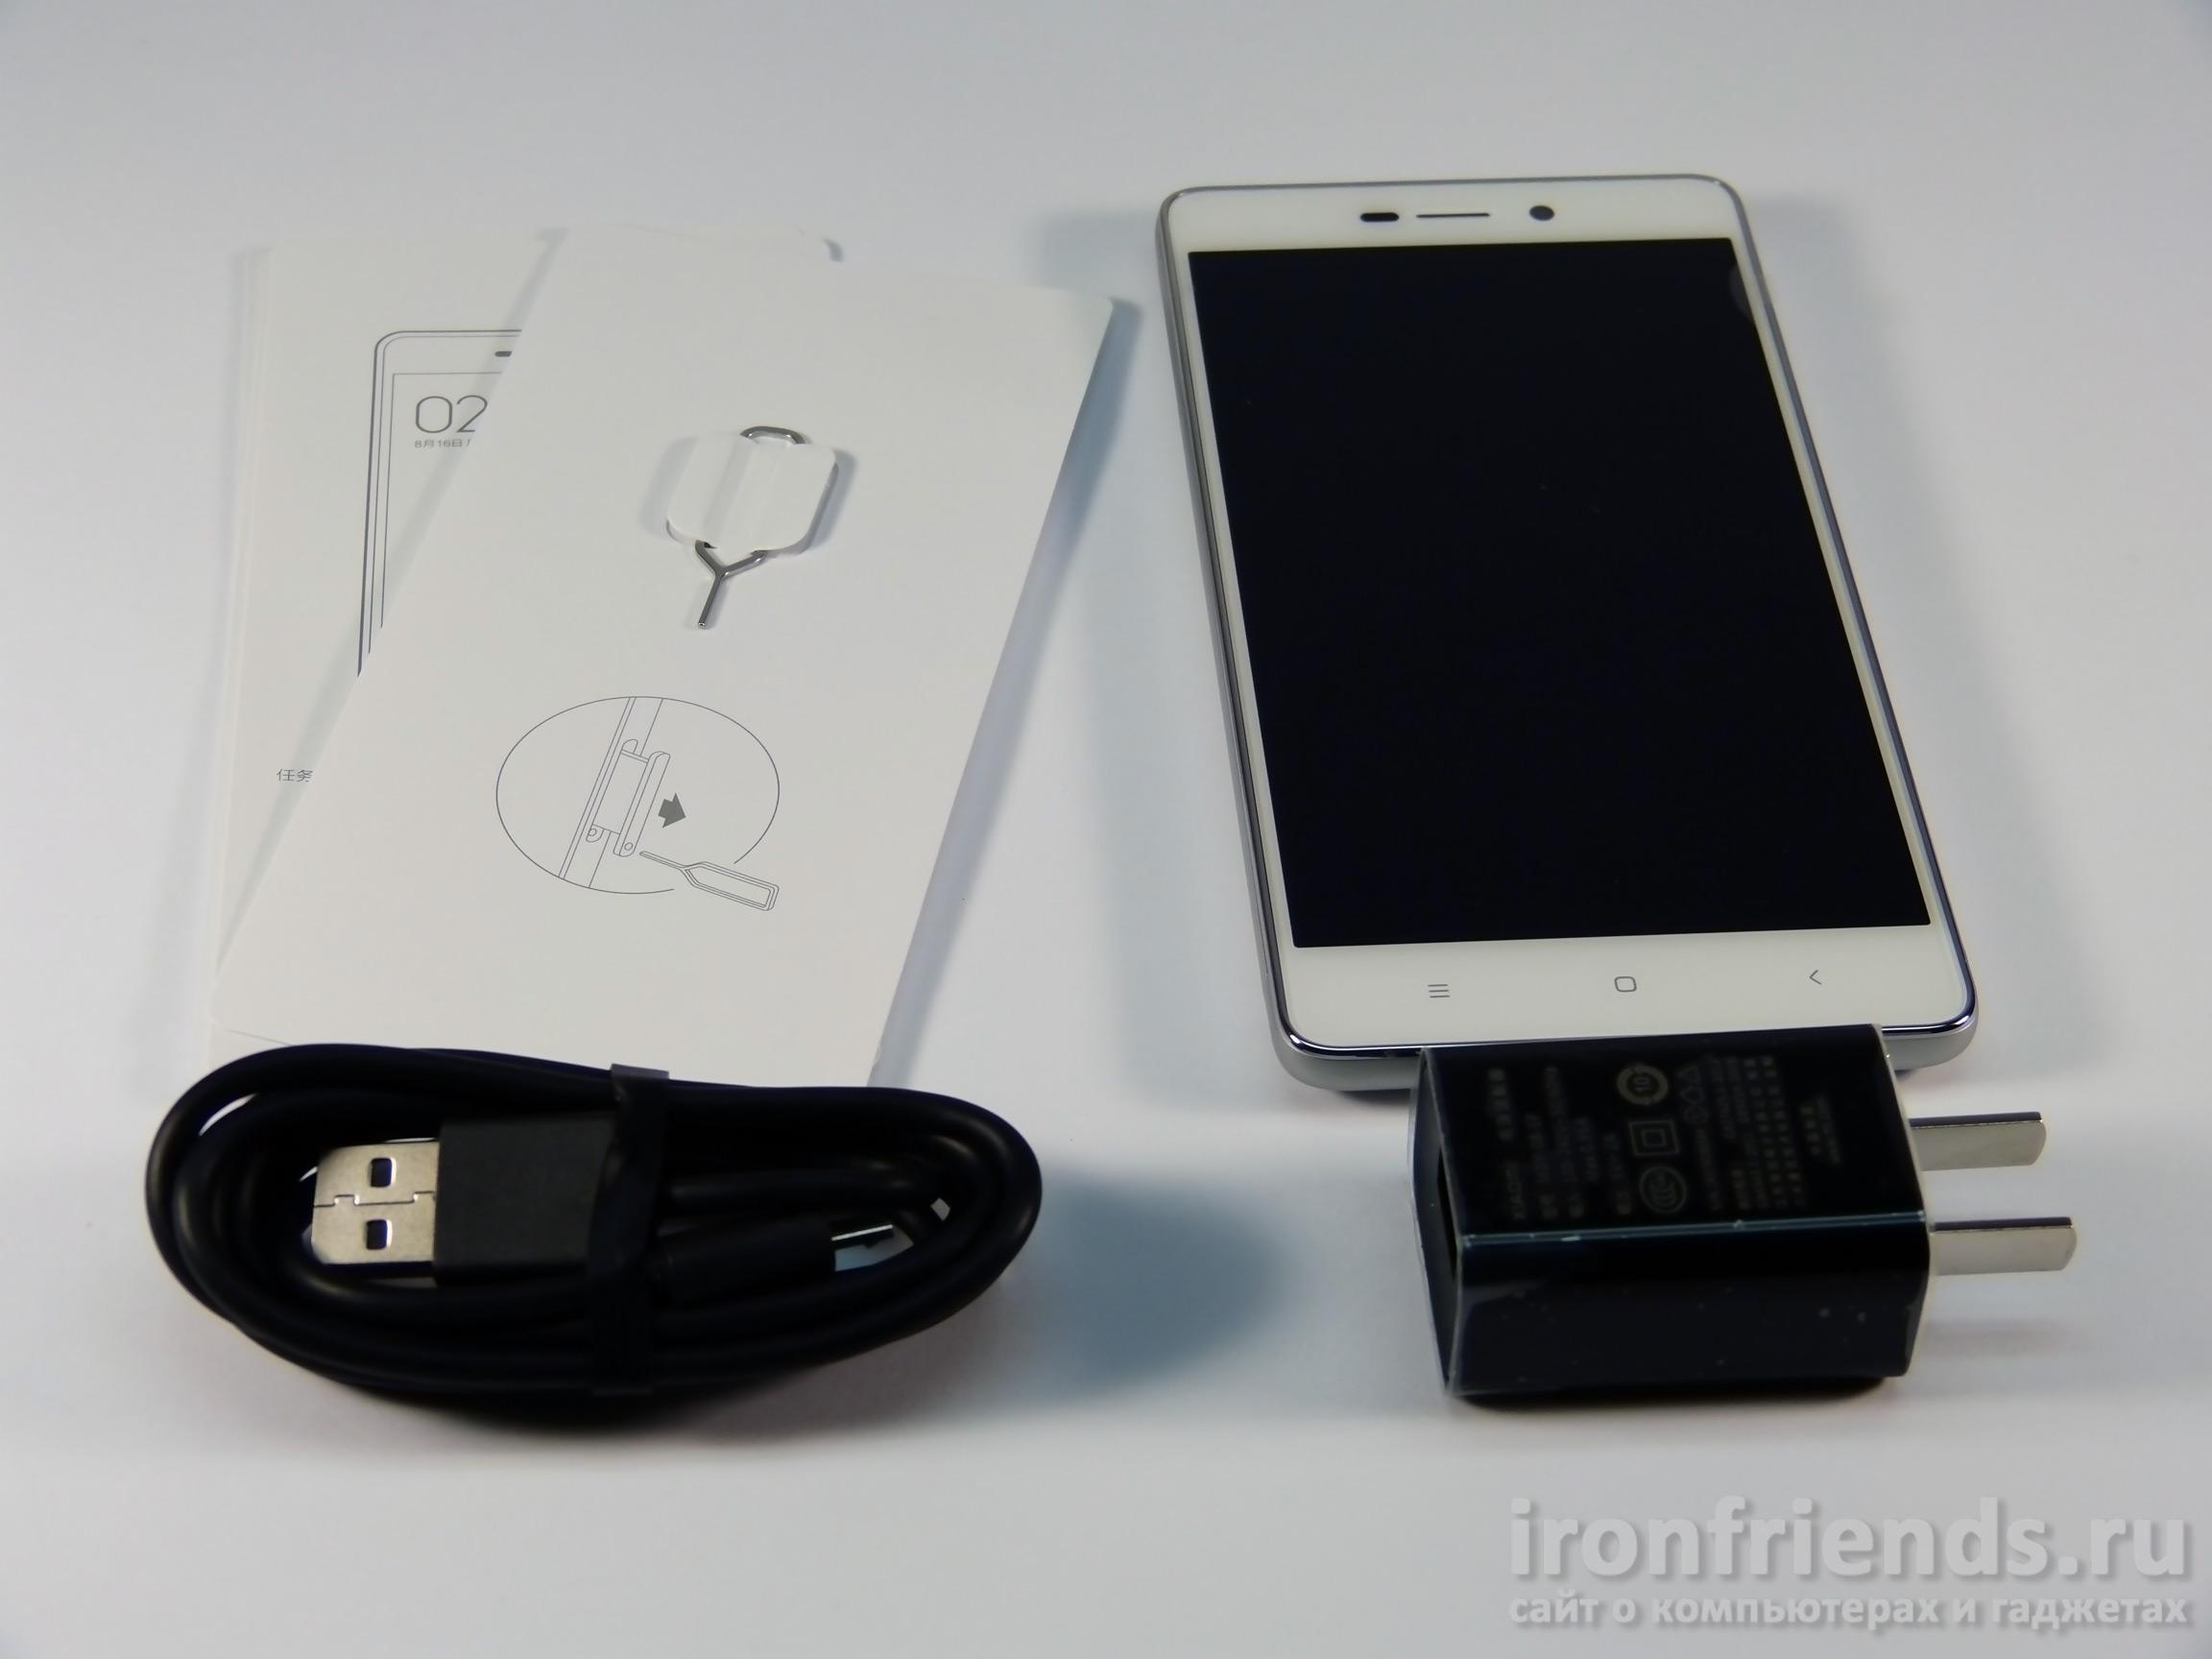 Комплект поставки Xiaomi Redmi 3s